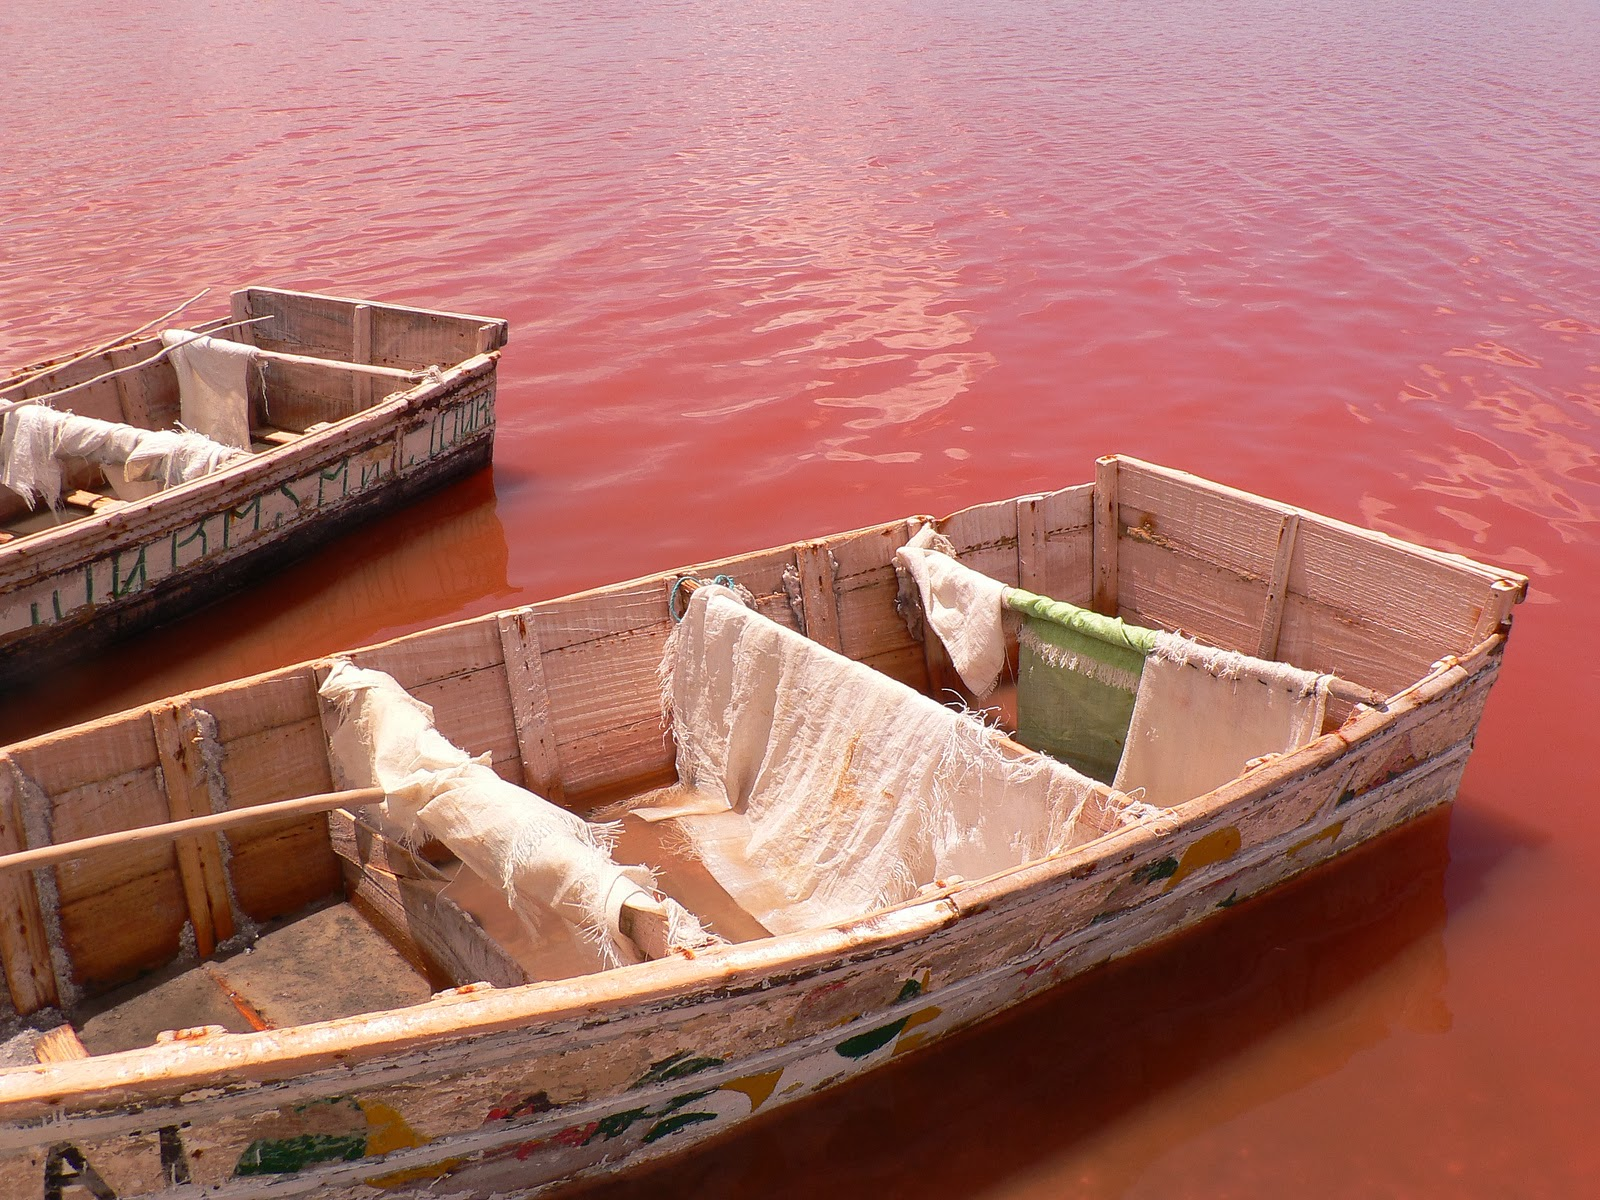 africa pink lake